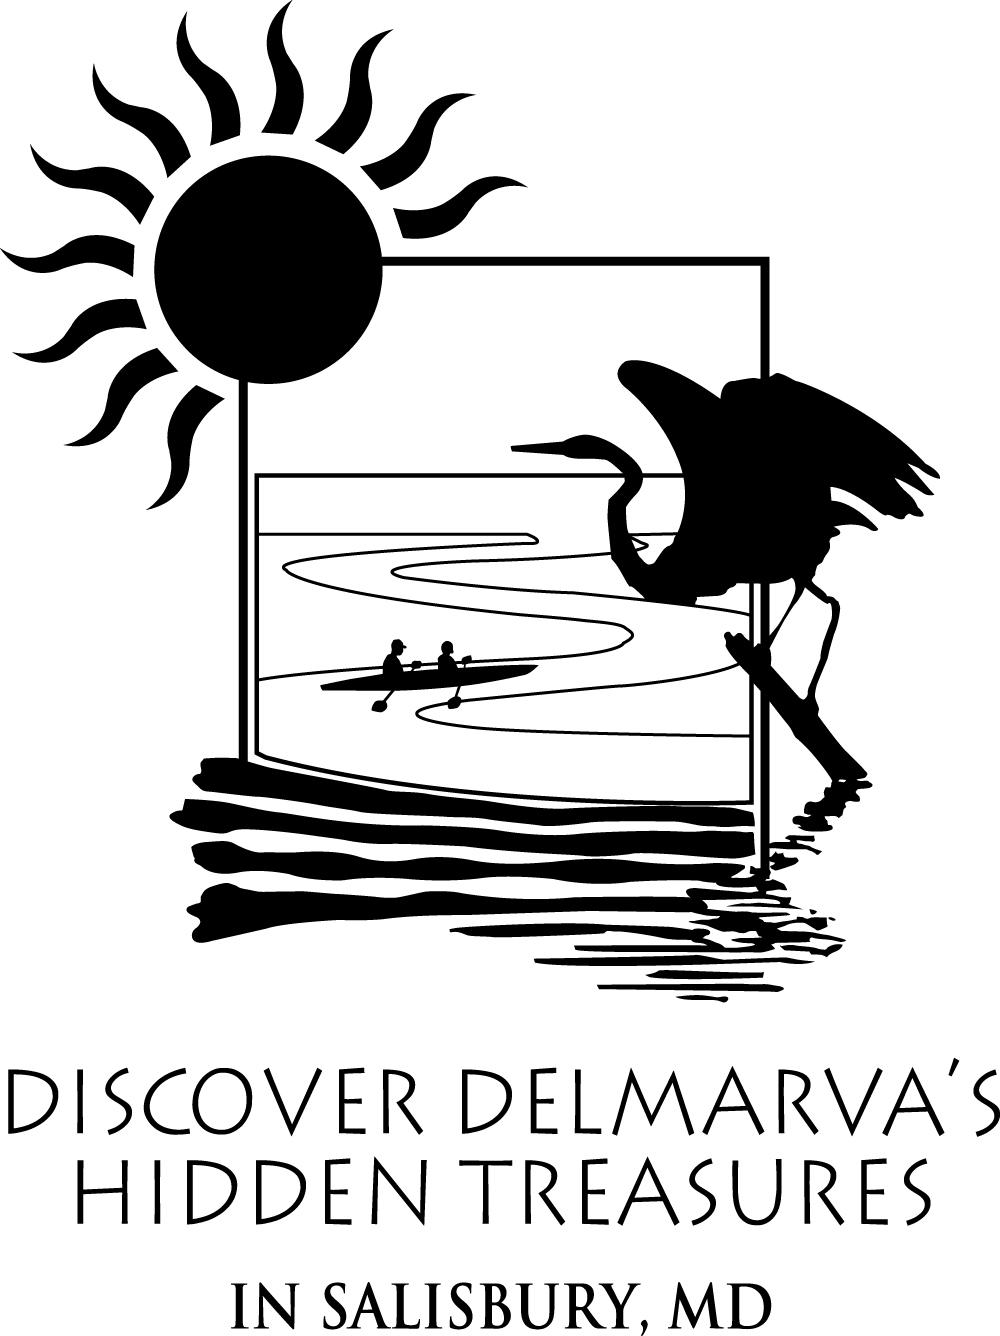 DELMARVA'S HIDDEN TREASURES logo 200.jpg